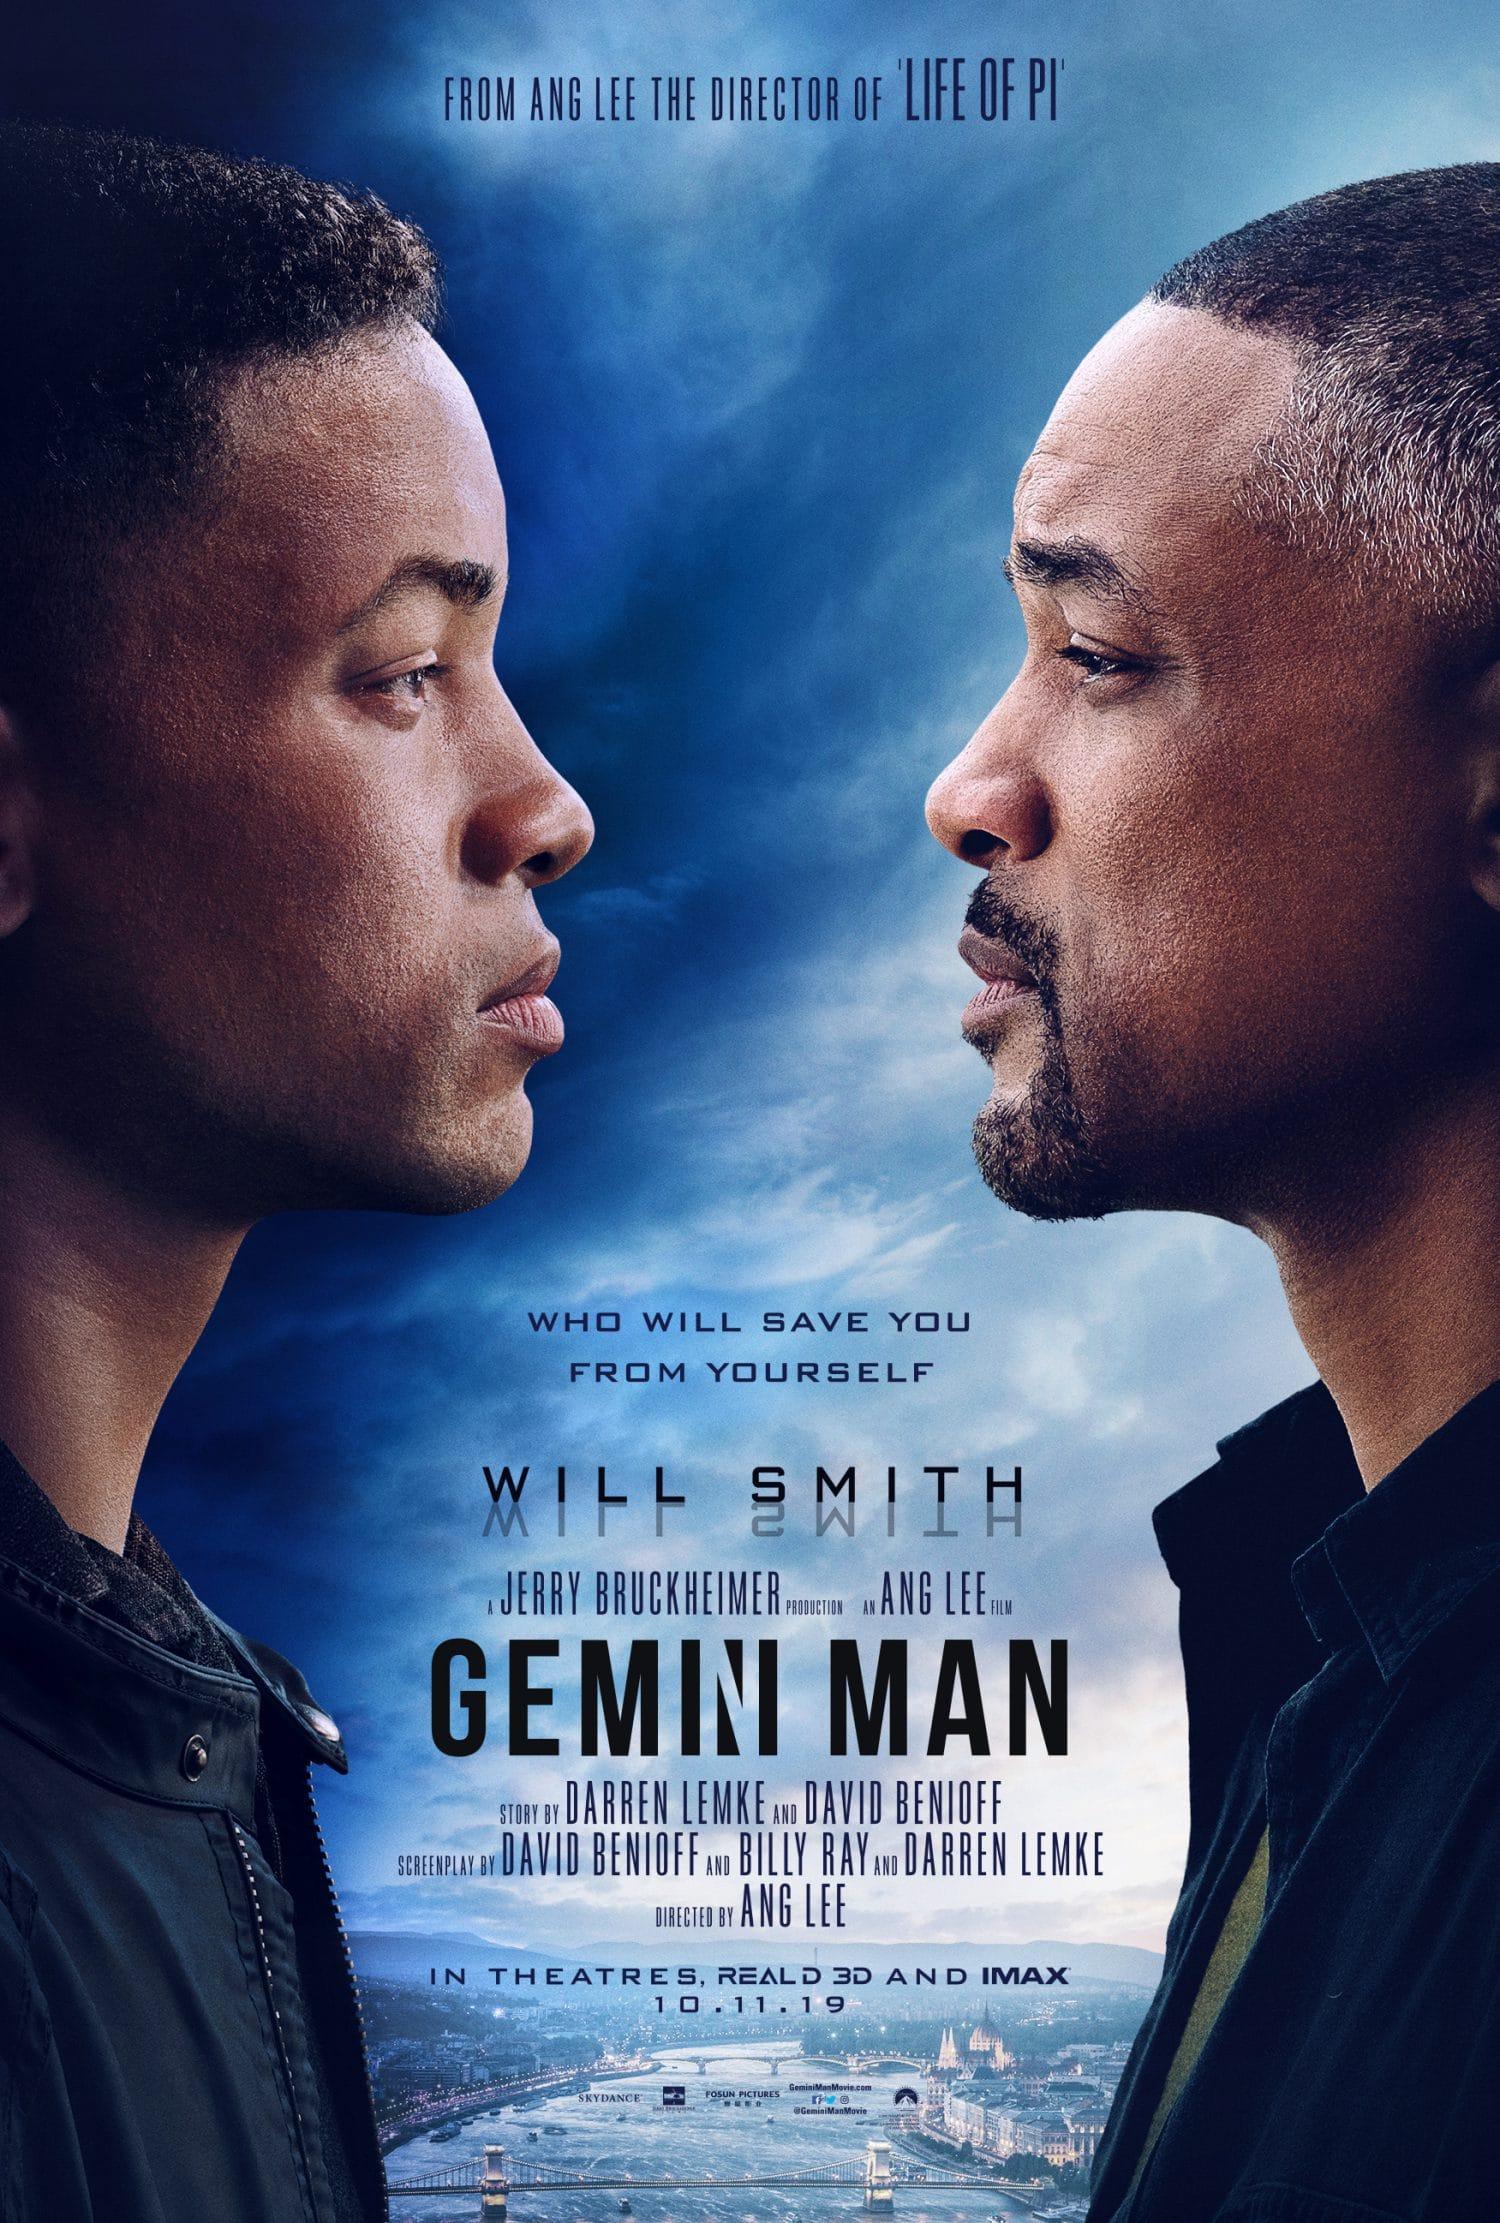 It's Will Smith versus Will Smith in the Gemini Man trailer.